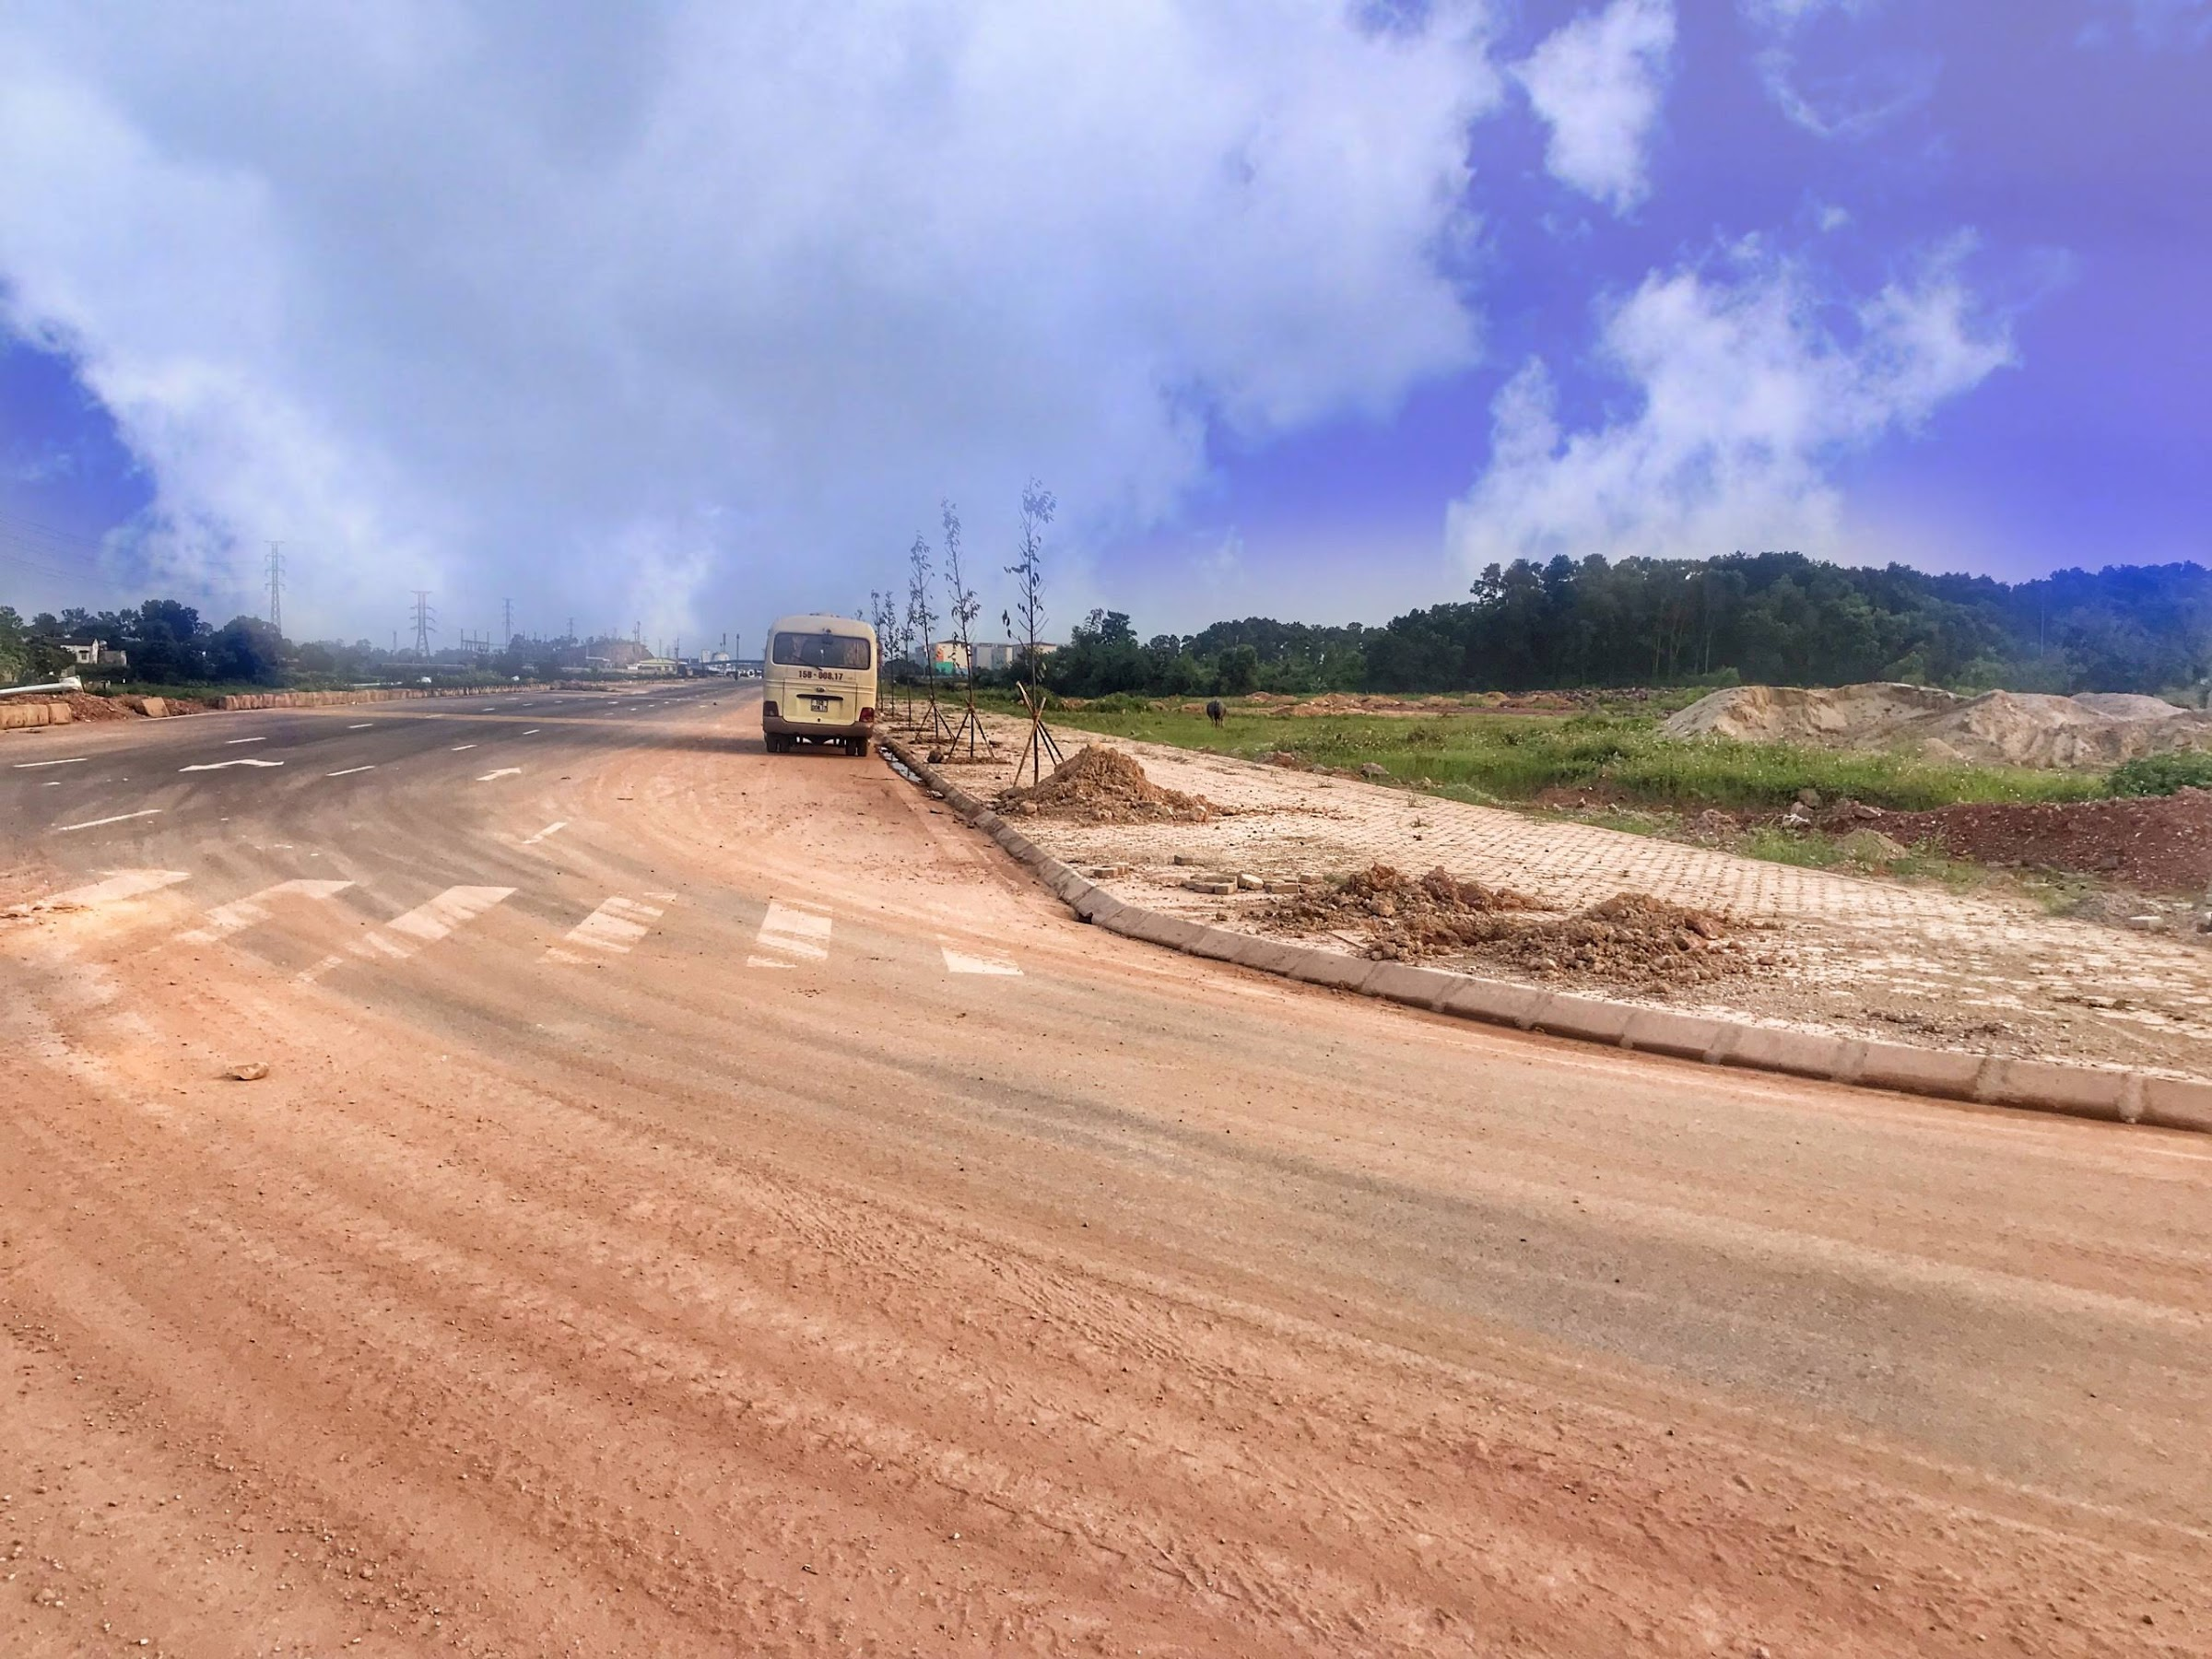 Đất công ty KCN, nhà xưởng, đất SXKD, đất TMDV 1ha, 2ha, 4ha. 15ha, 20ha